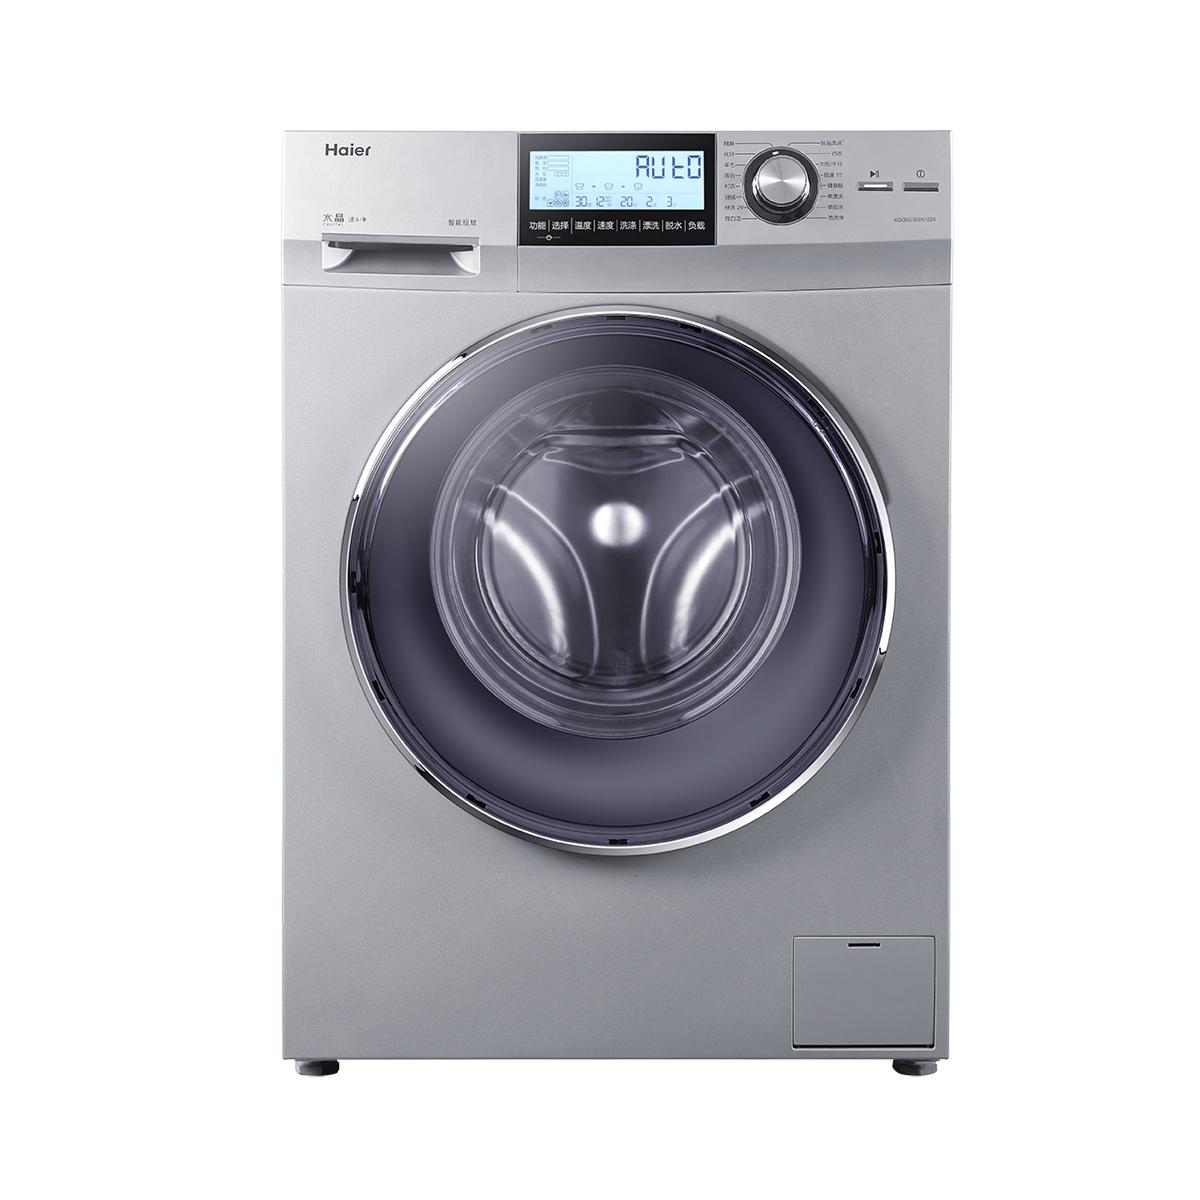 海尔Haier洗衣机 XQG65-BDX1226 说明书